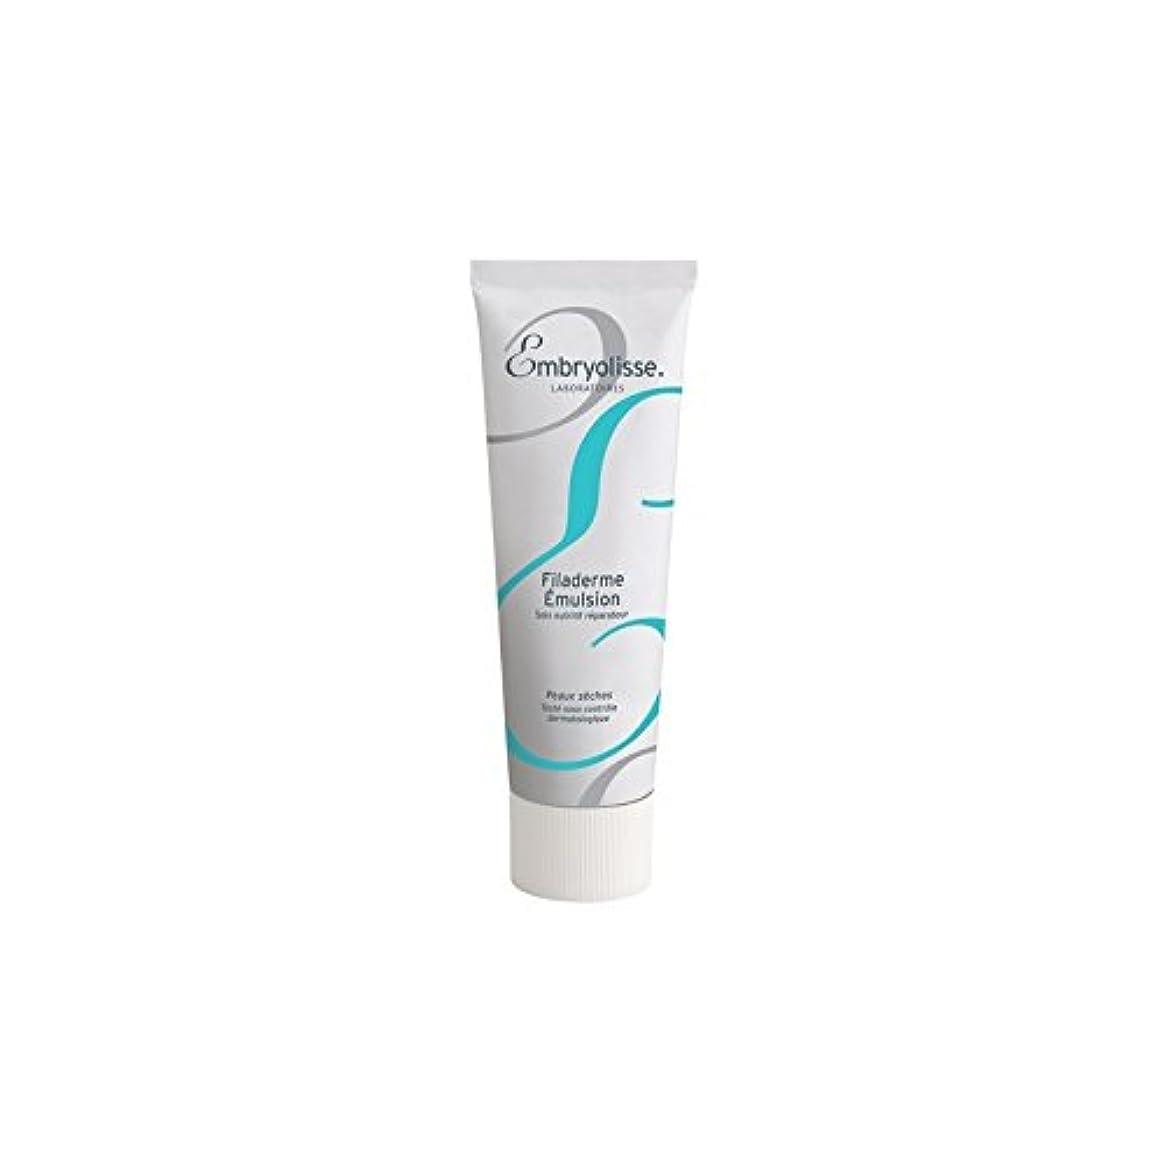 ダース言及する芽Embryolisse Filaderme Emulsion (75ml) (Pack of 6) - エマルジョン(75ミリリットル) x6 [並行輸入品]